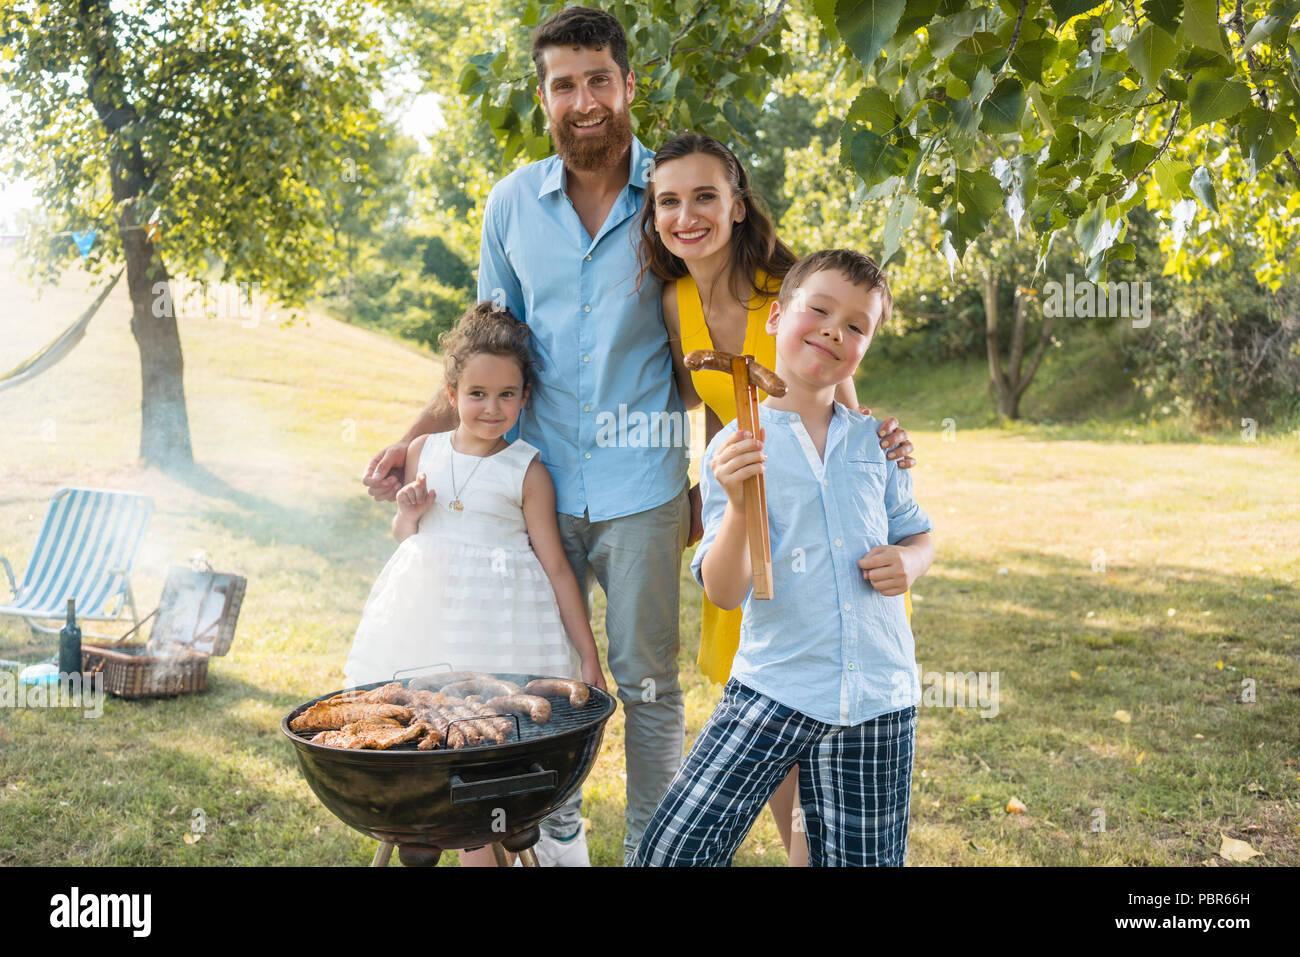 Portrait de famille heureuse avec deux enfants standing outdoors Photo Stock